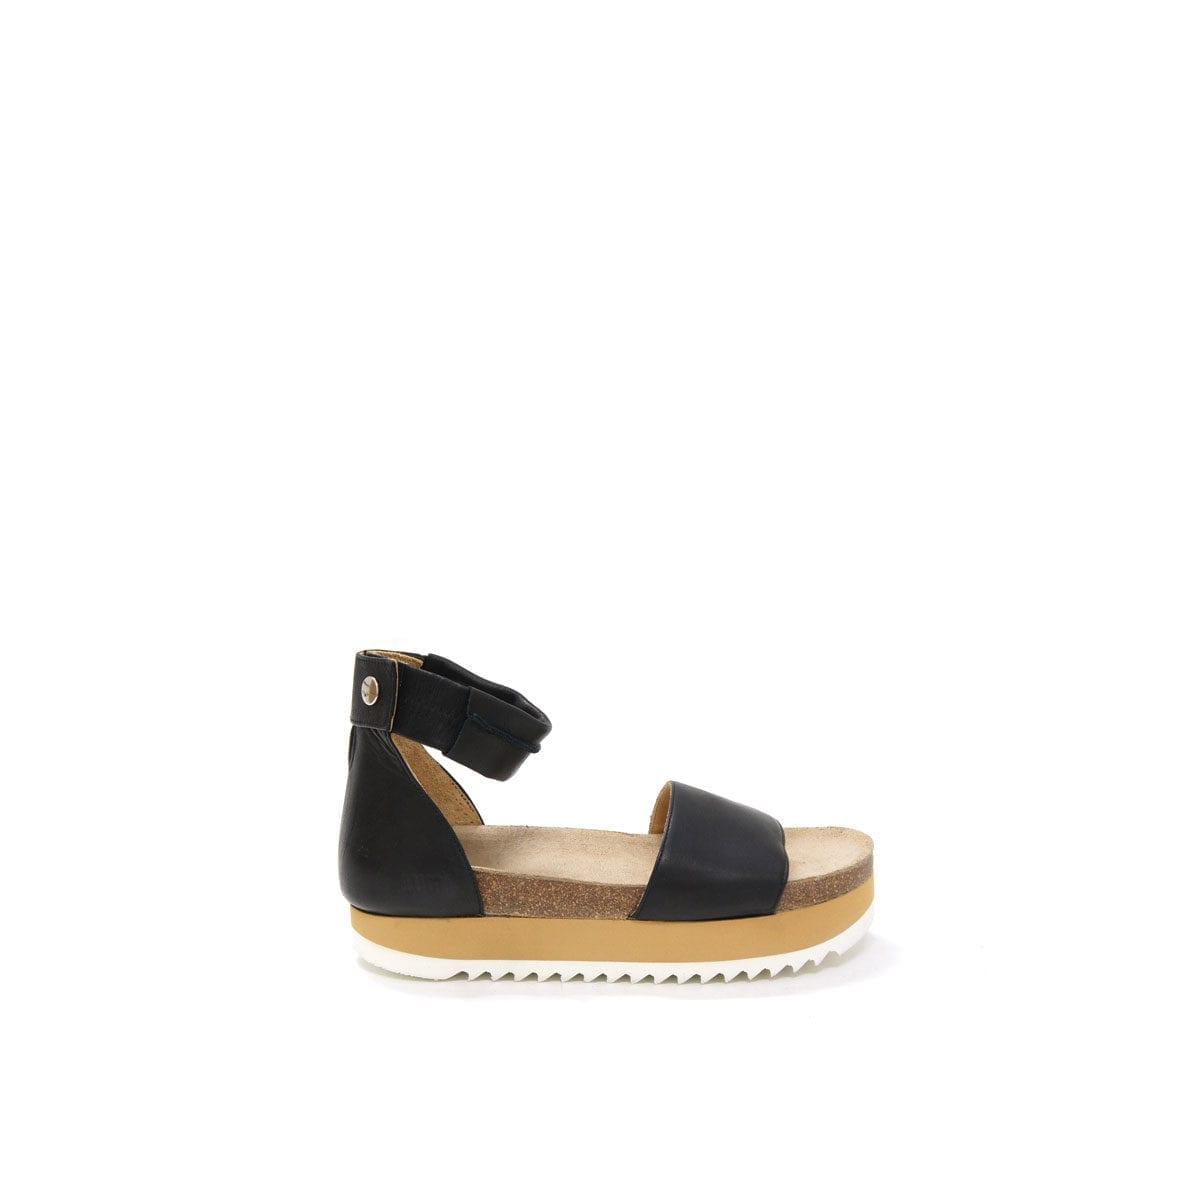 1f24d9dd87aa Birgitta Cork Sandal Black – Lumi Accessories